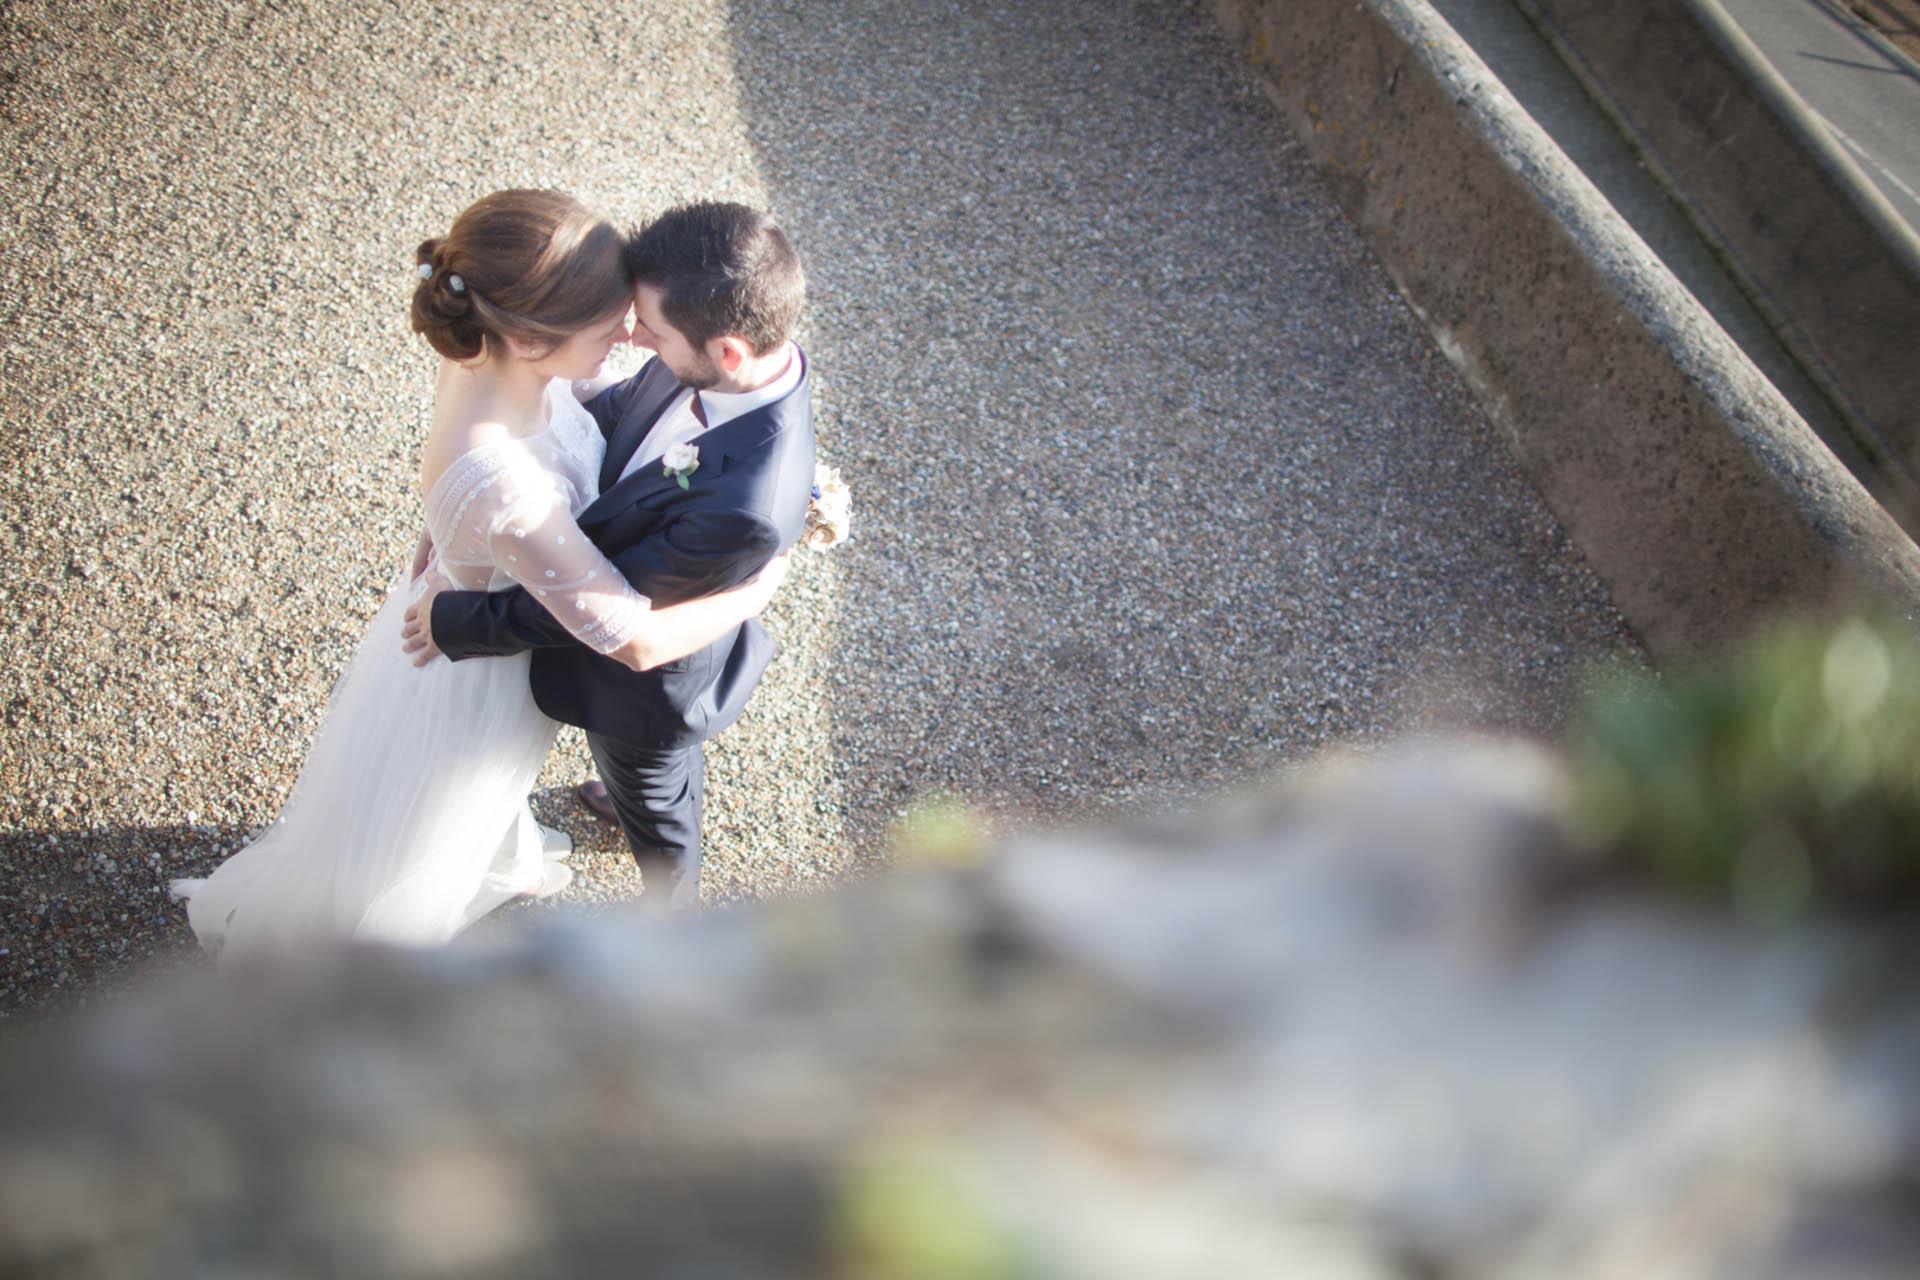 Séance photo de couple - Sébastien Leloup - 76 images par seconde